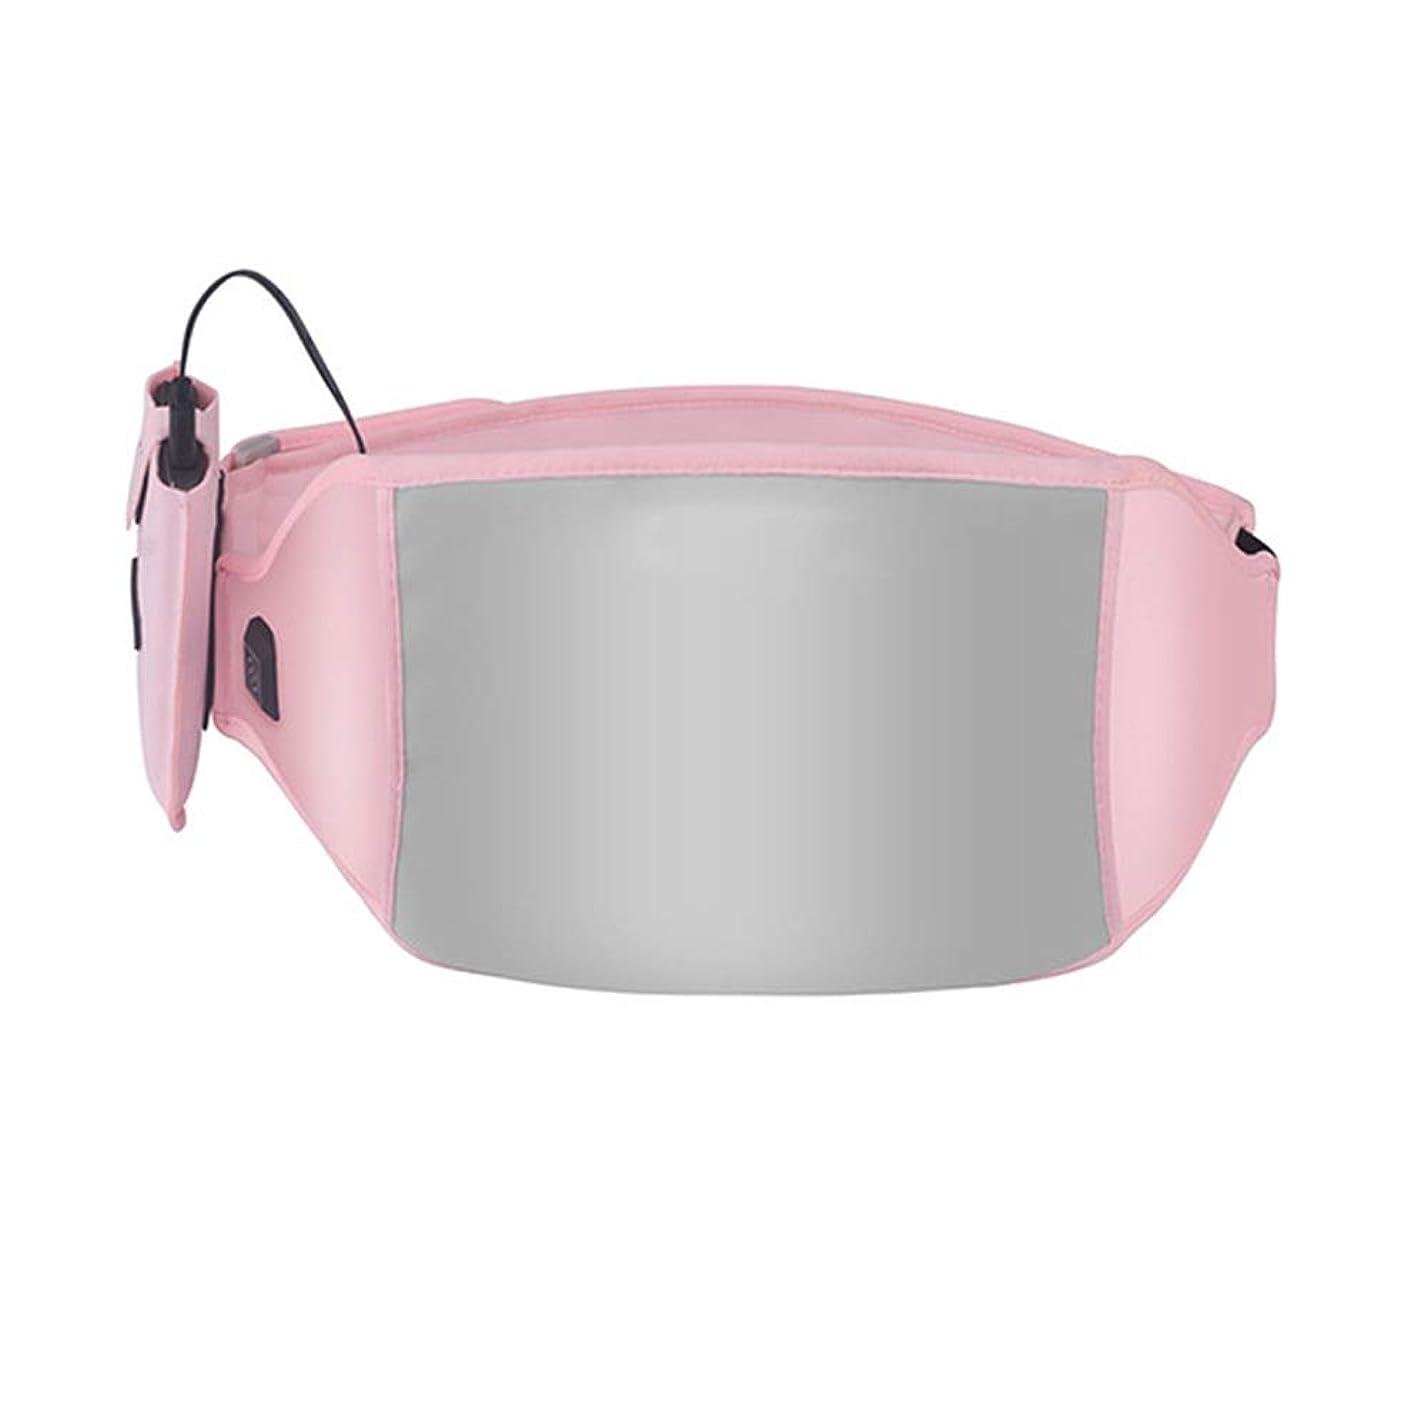 歯車意図夕食を食べる電熱式腰サポーター ポータブル暖房腰パッド防水腰ウォーマー腰椎ラップは、男性と女性にフィット 冷え性対策 防寒 (Color : Pink, Size : Free size)